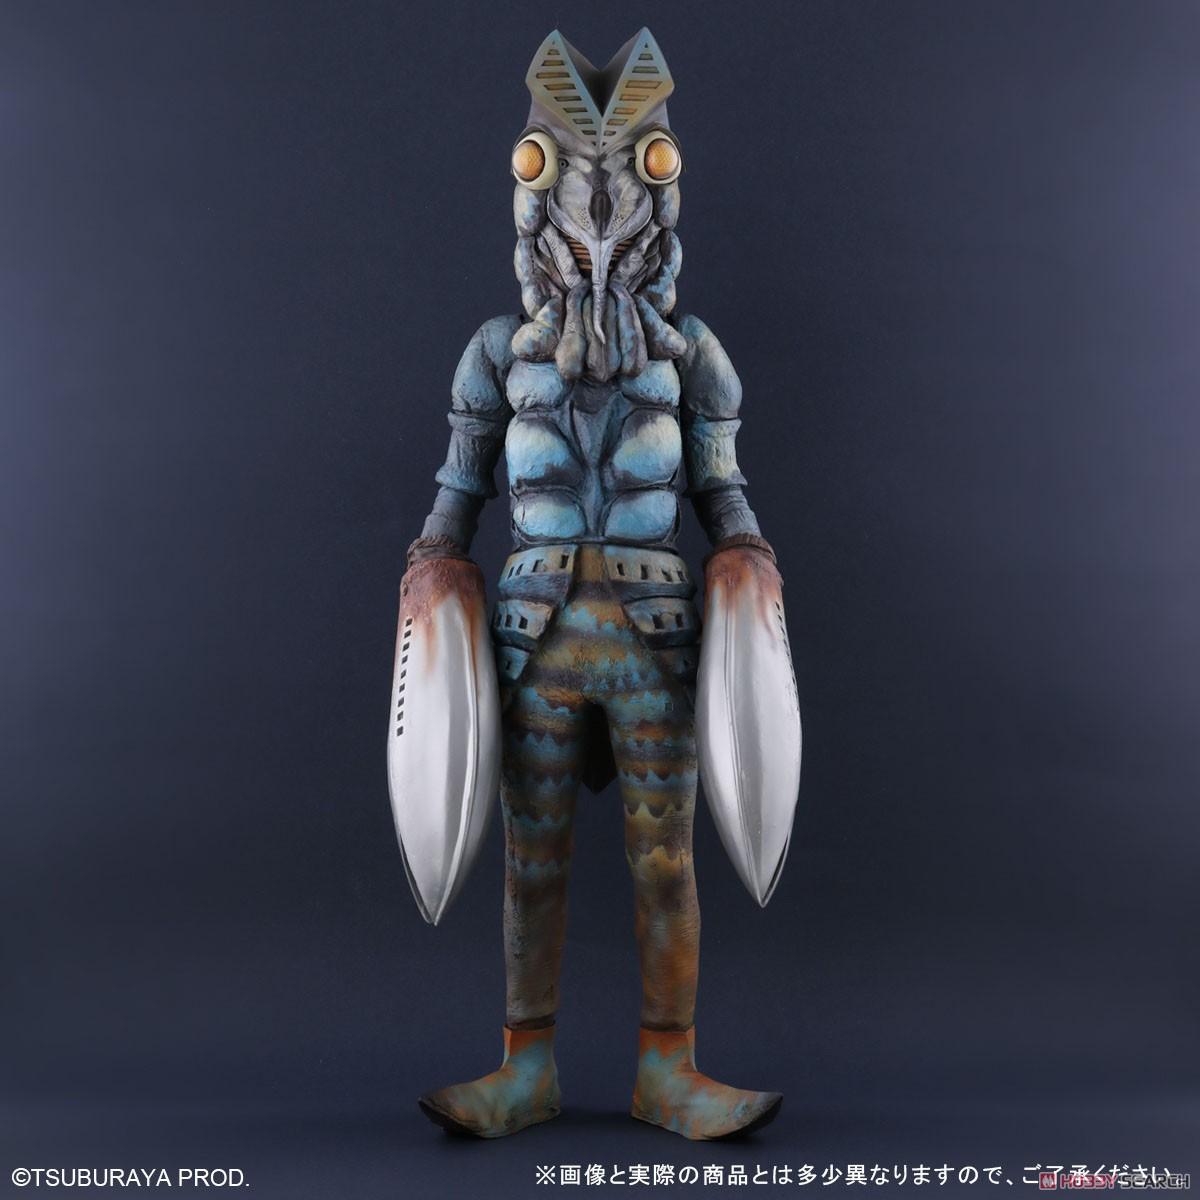 ギガンティックシリーズ『バルタン星人』ウルトラマン 完成品フィギュア-001